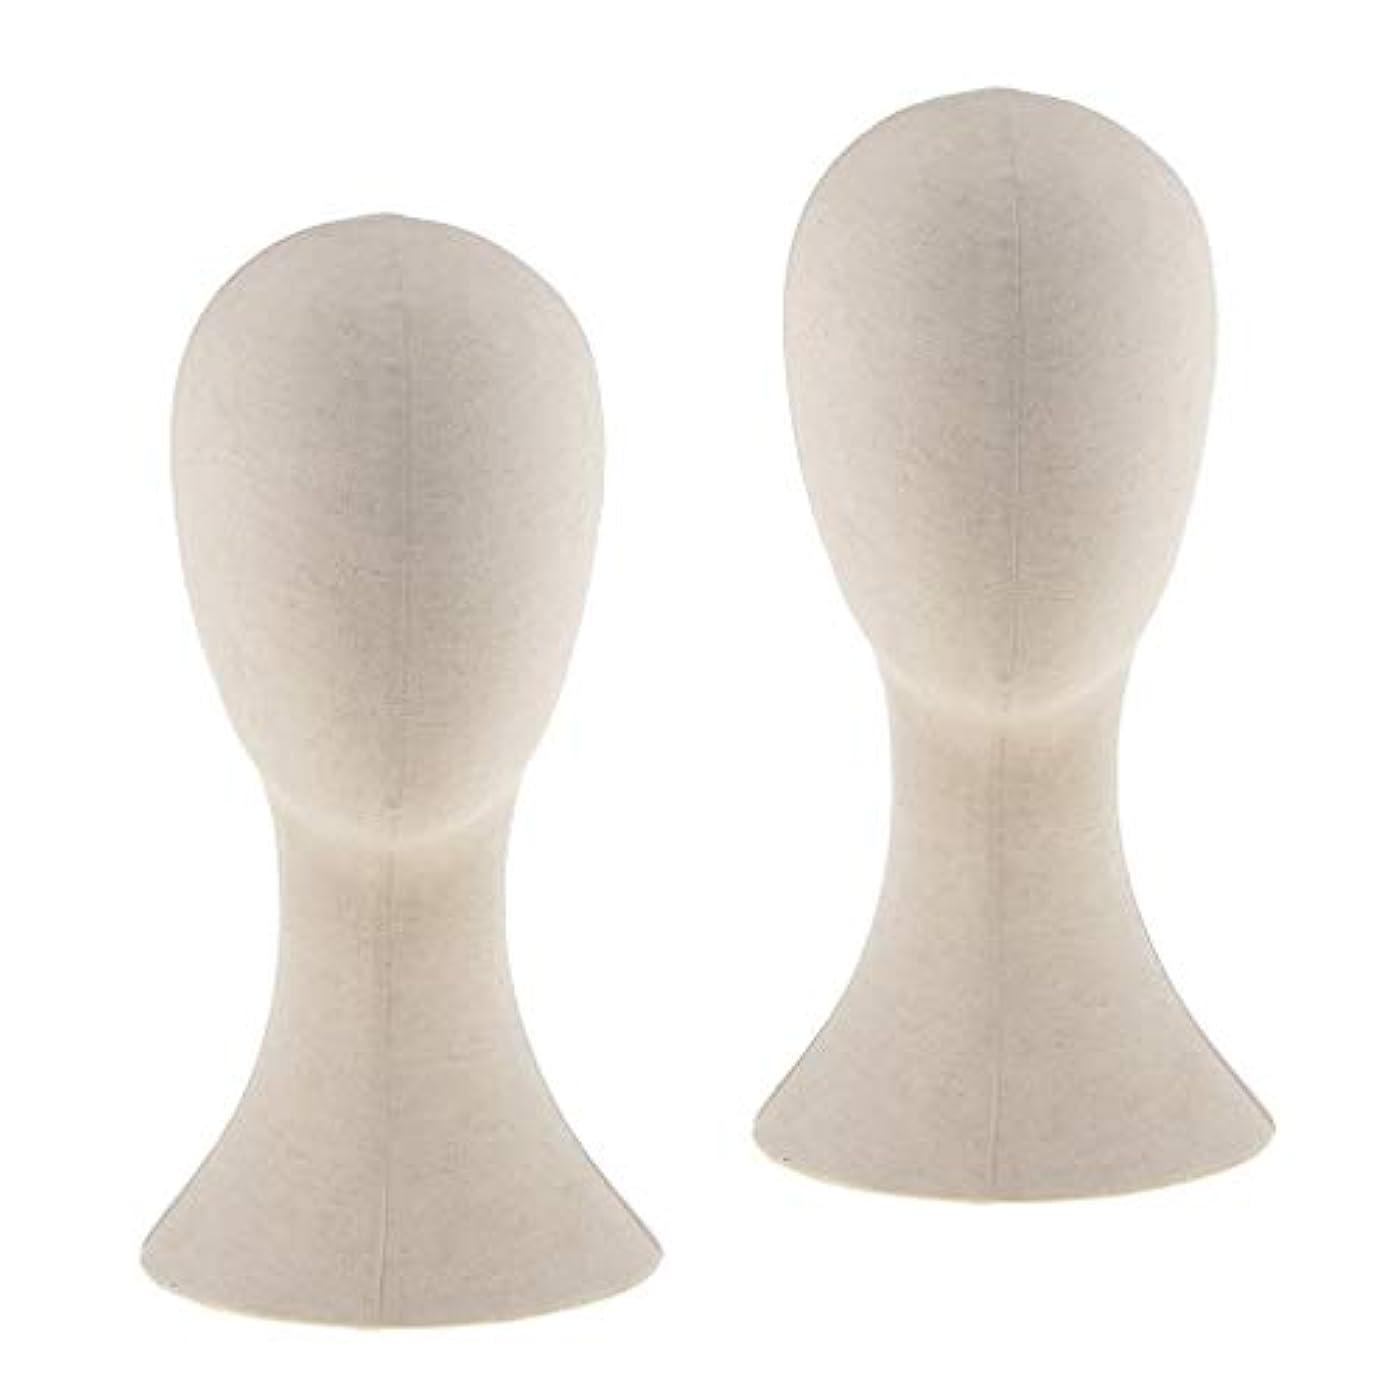 陽気な理想的ブレンドPerfeclan 2個入り マネキンヘッド トルソー 頭 カット練習 頭部 女性 ウィッグマネキン ウィッグスタンド